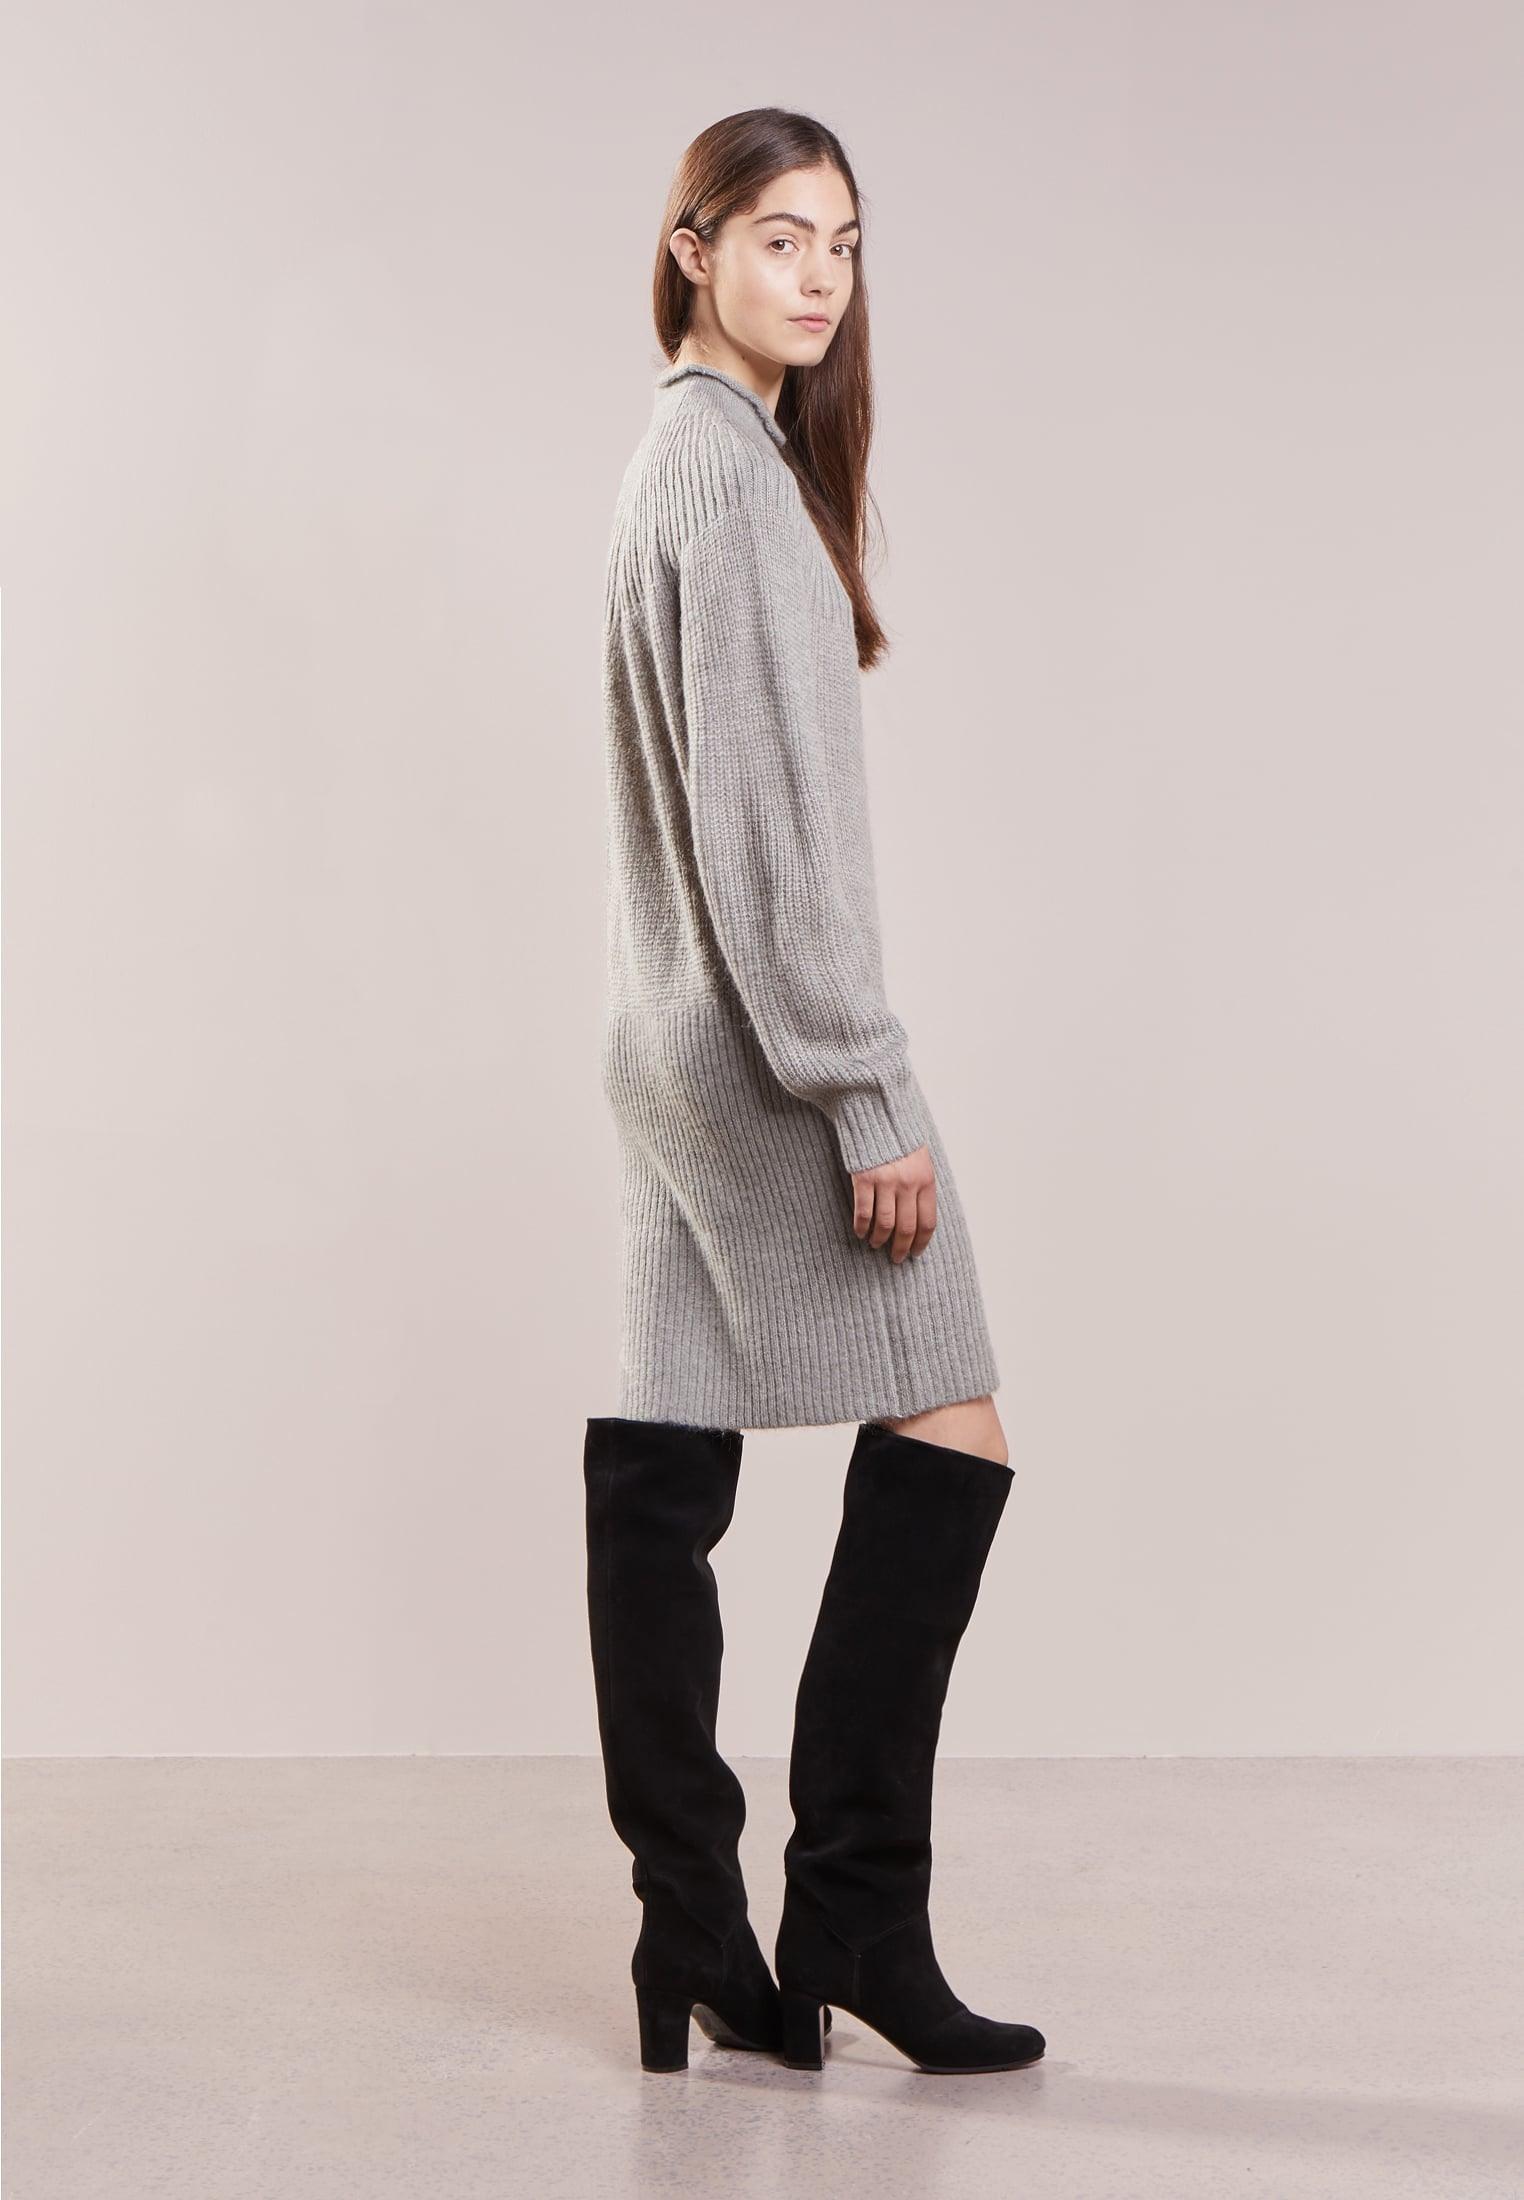 Formal Schön Schicke Winterkleider Design Genial Schicke Winterkleider Spezialgebiet